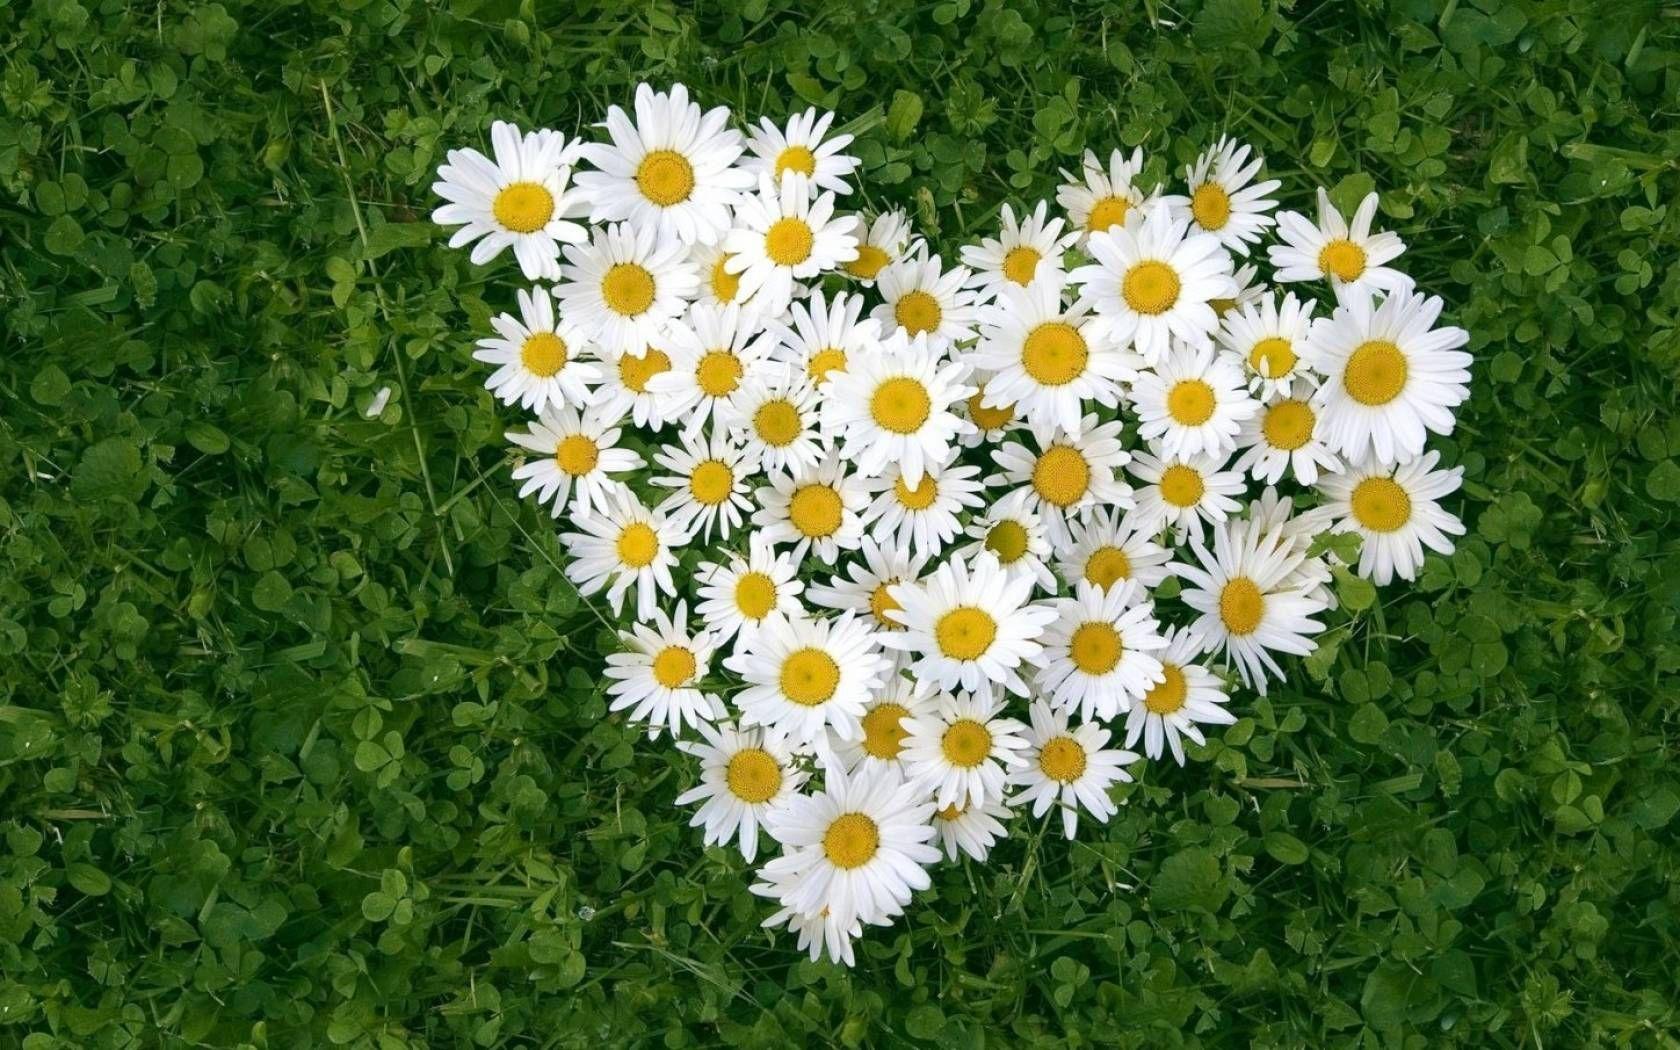 Imagenes De Fondo Flores Para Pantalla Hd 2: Fondos De Flores Hd Para Pantalla Hd 2 HD Wallpapers